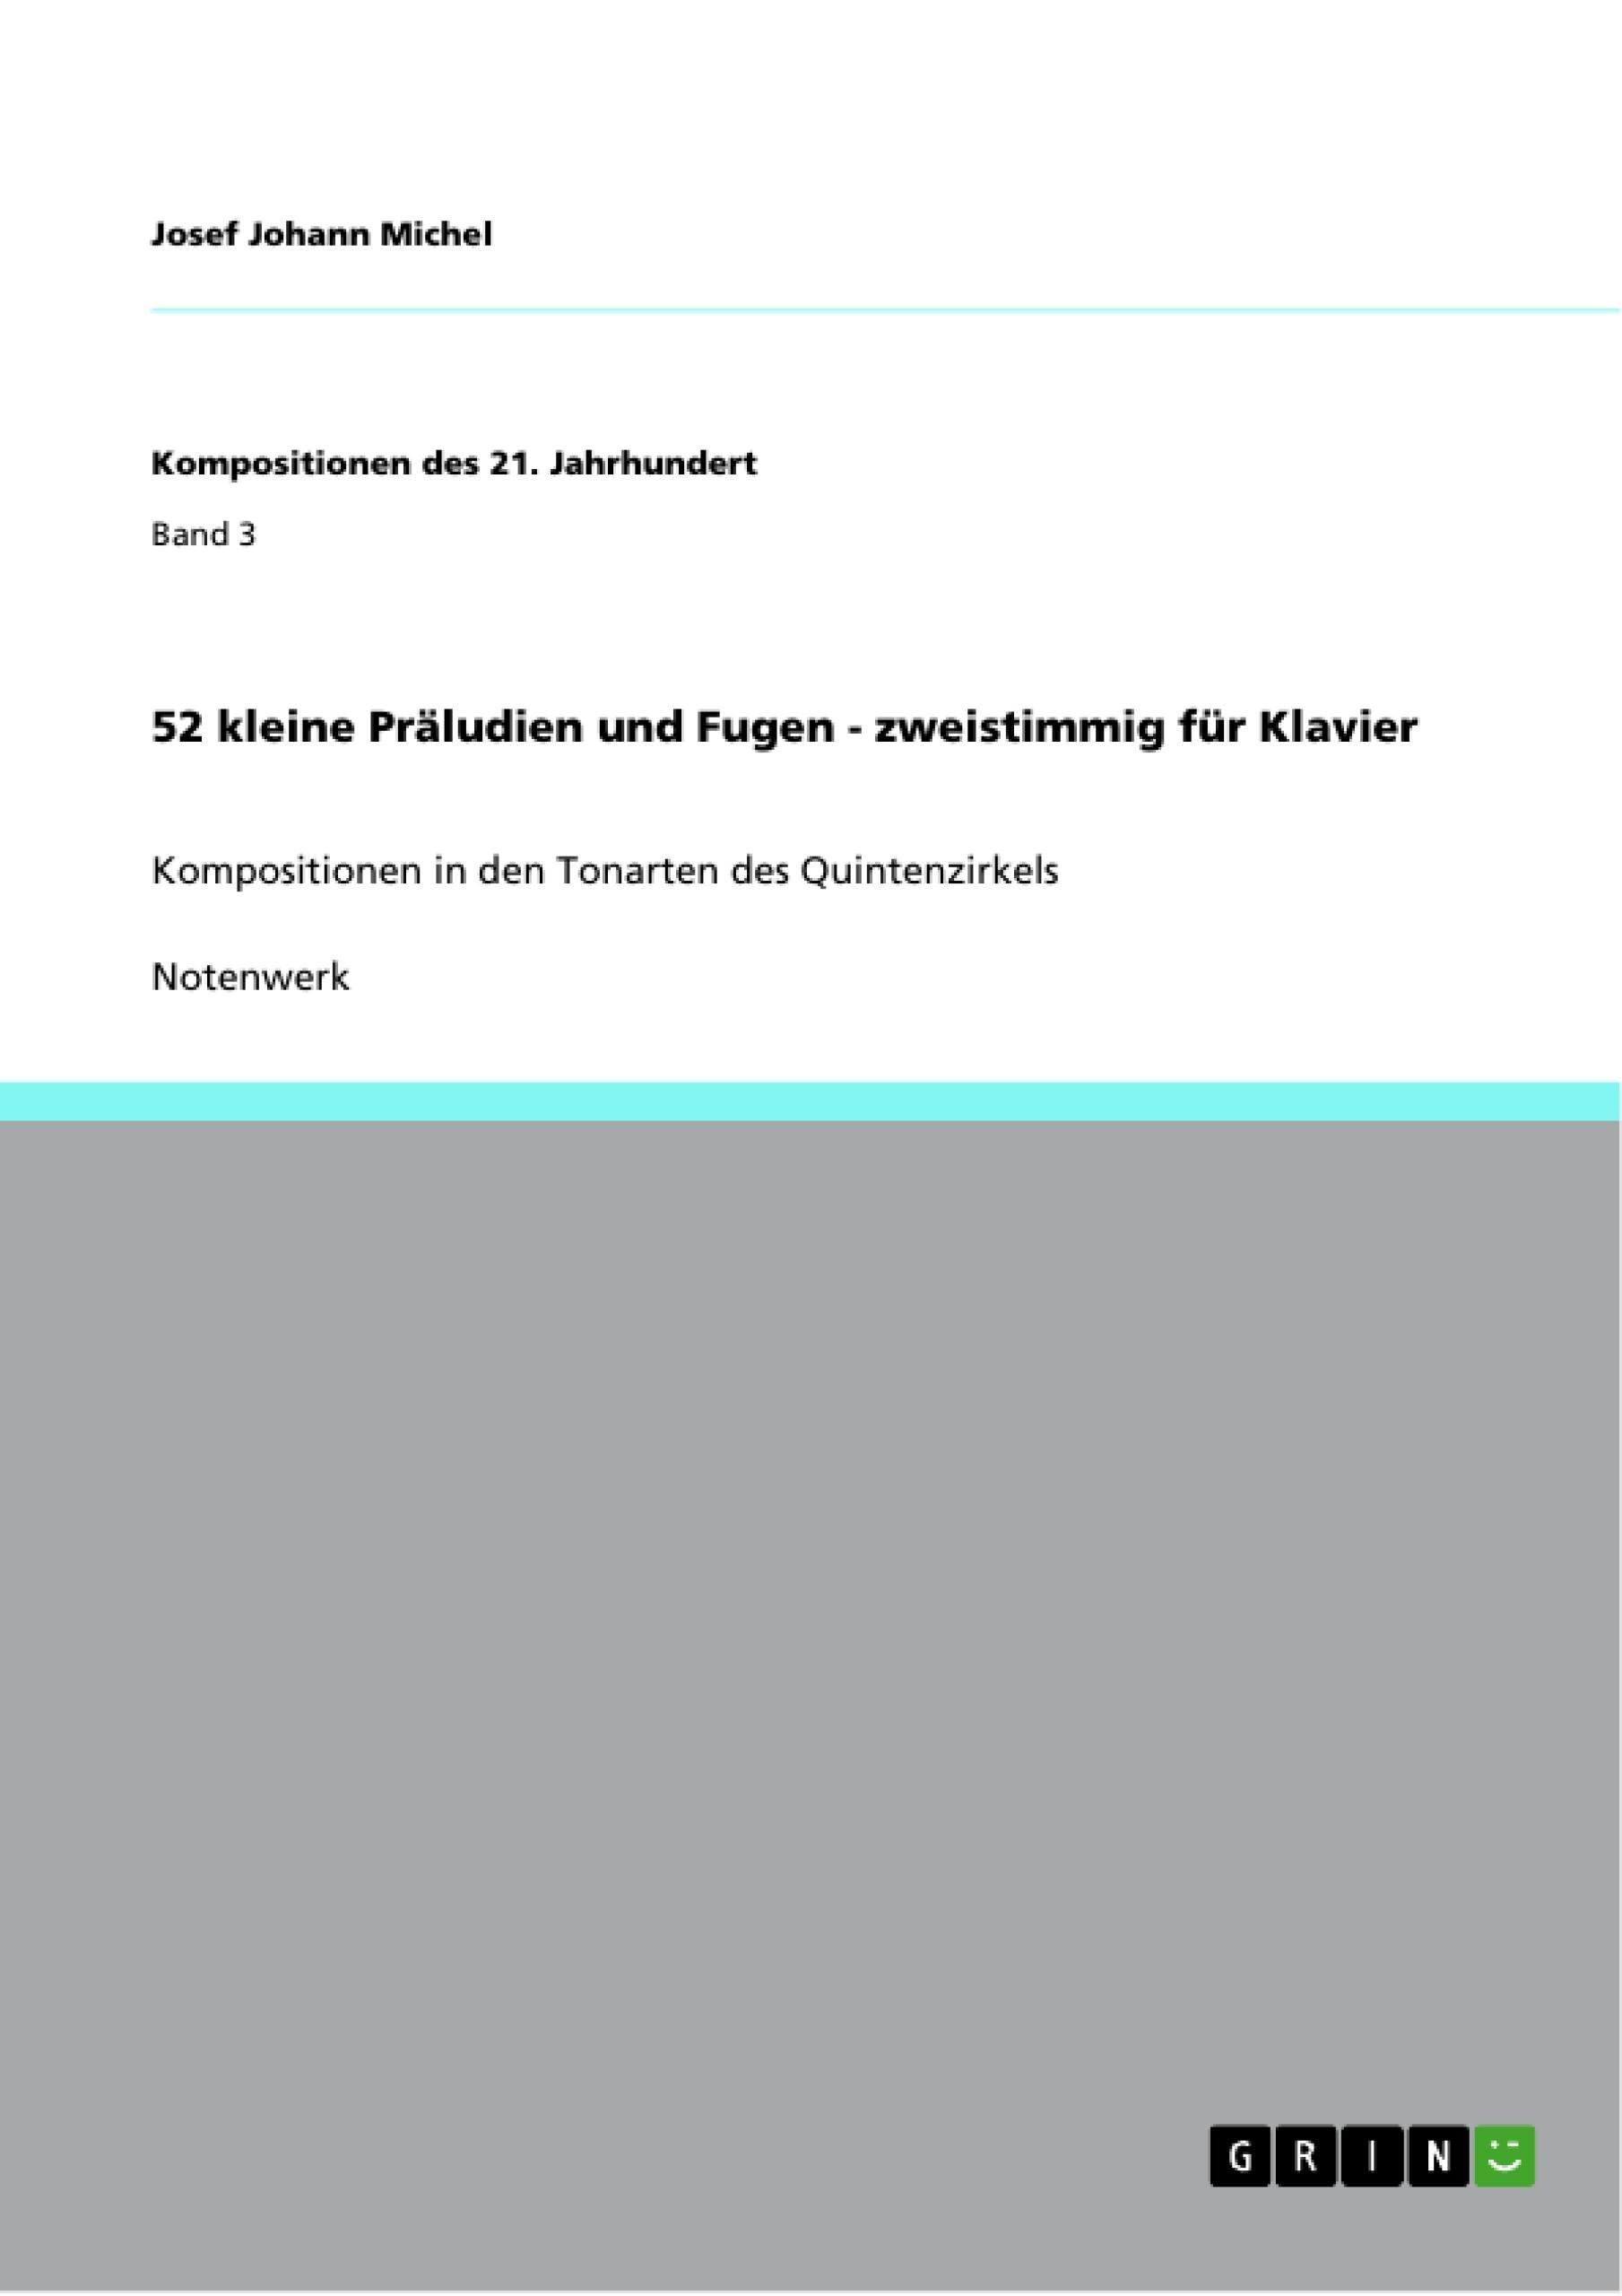 Titel: 52 kleine Präludien und Fugen - zweistimmig für Klavier